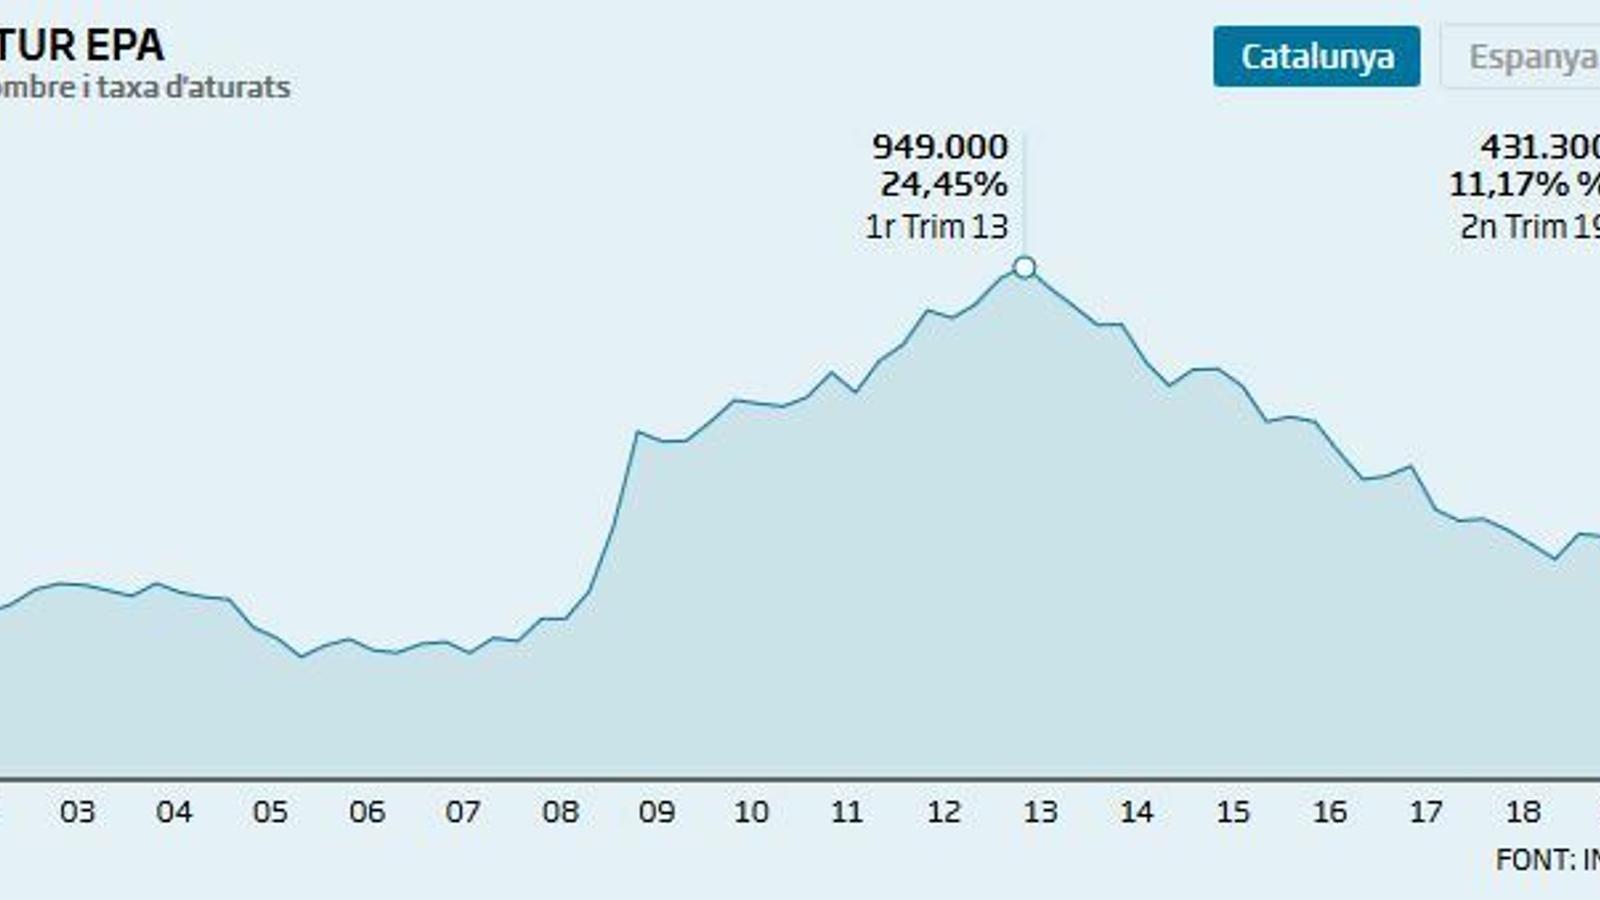 L'atur continua  a la baixa però cau  a un ritme més lent